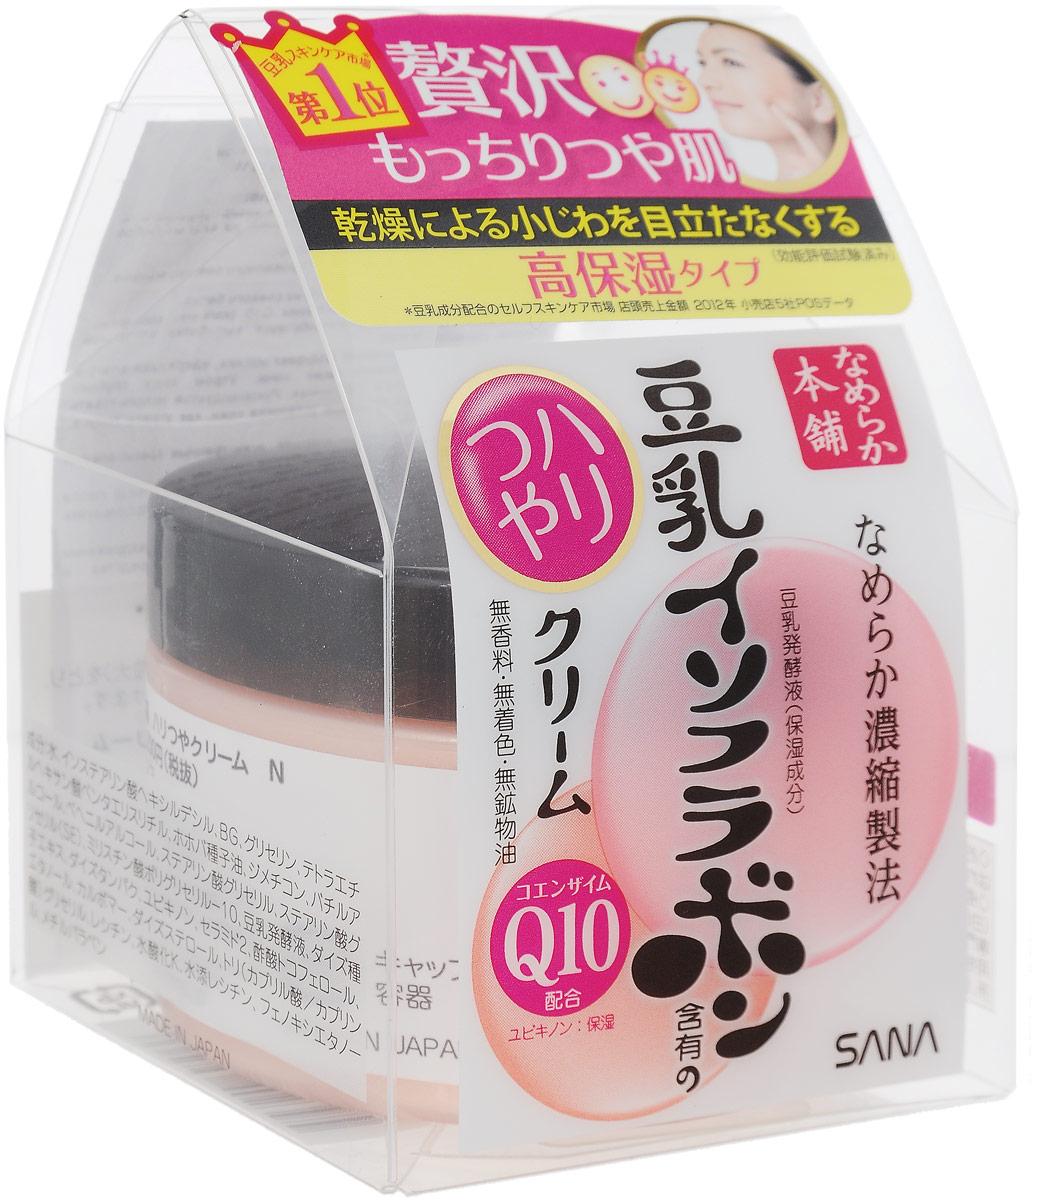 Крем для ухода за кожей SANA / Увлажняющий крем, с изофлавонами сои и капсулированным коэнзимом Q10, 50 г, арт.  402395 Sana